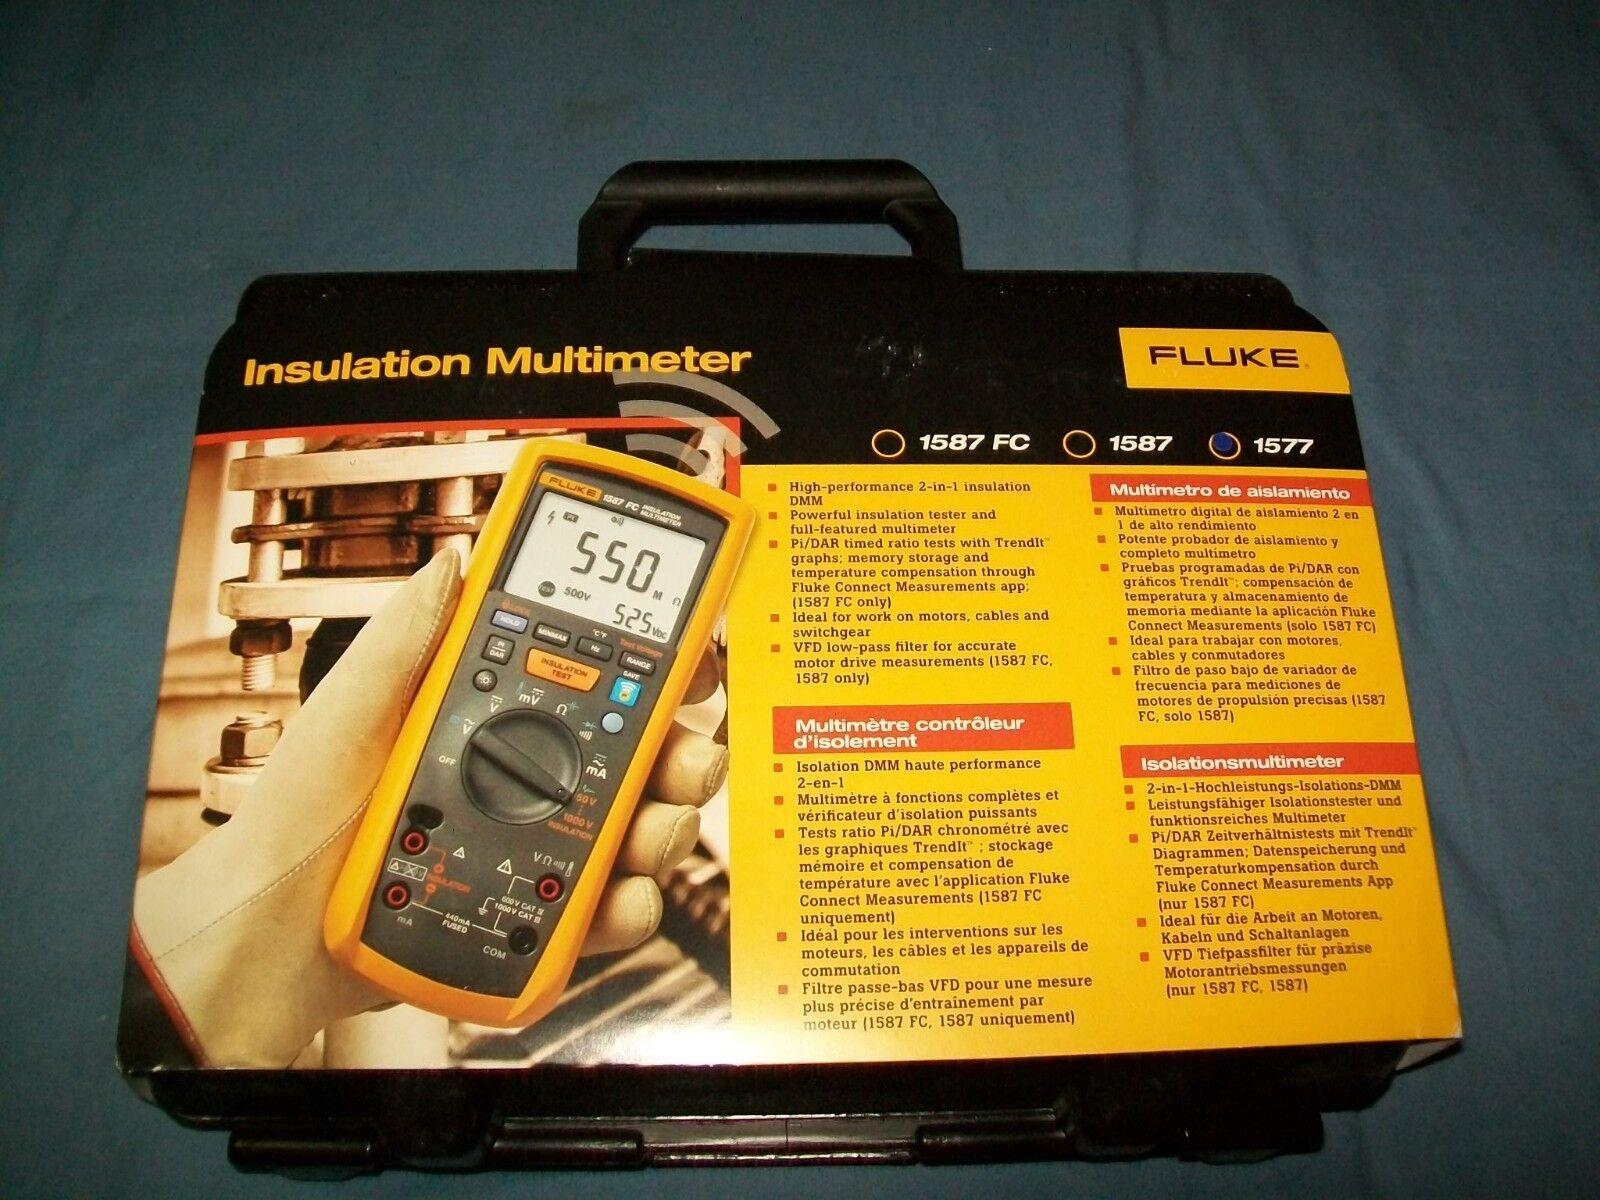 NEW Fluke 1577 Insulation Multimeter 600 Megaohm Resistance Megger